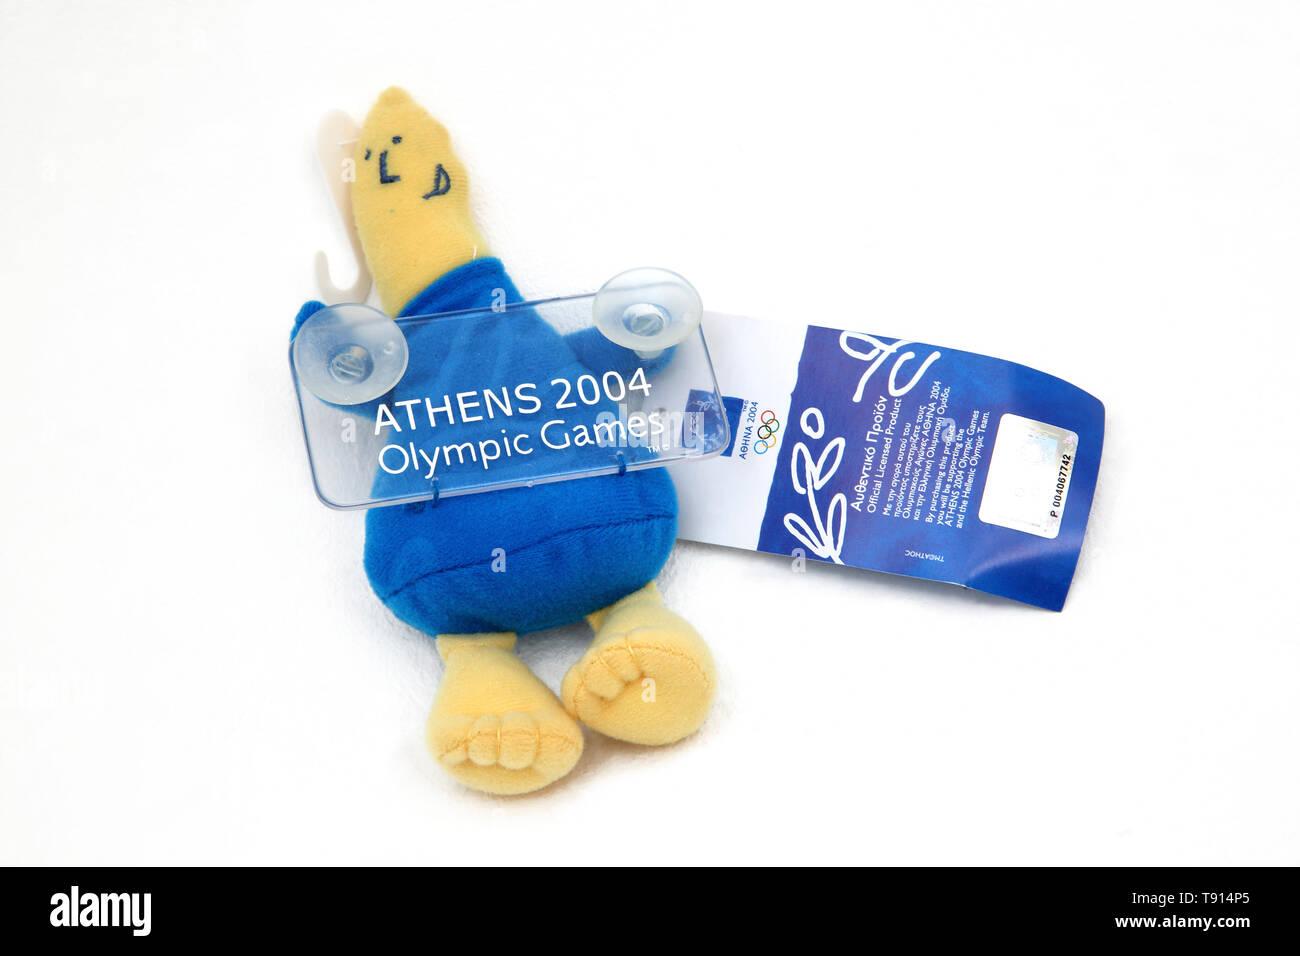 Auto Fenster Sucker Phevos Maskottchen der Olympischen Spiele 2004 in Athen Stockbild